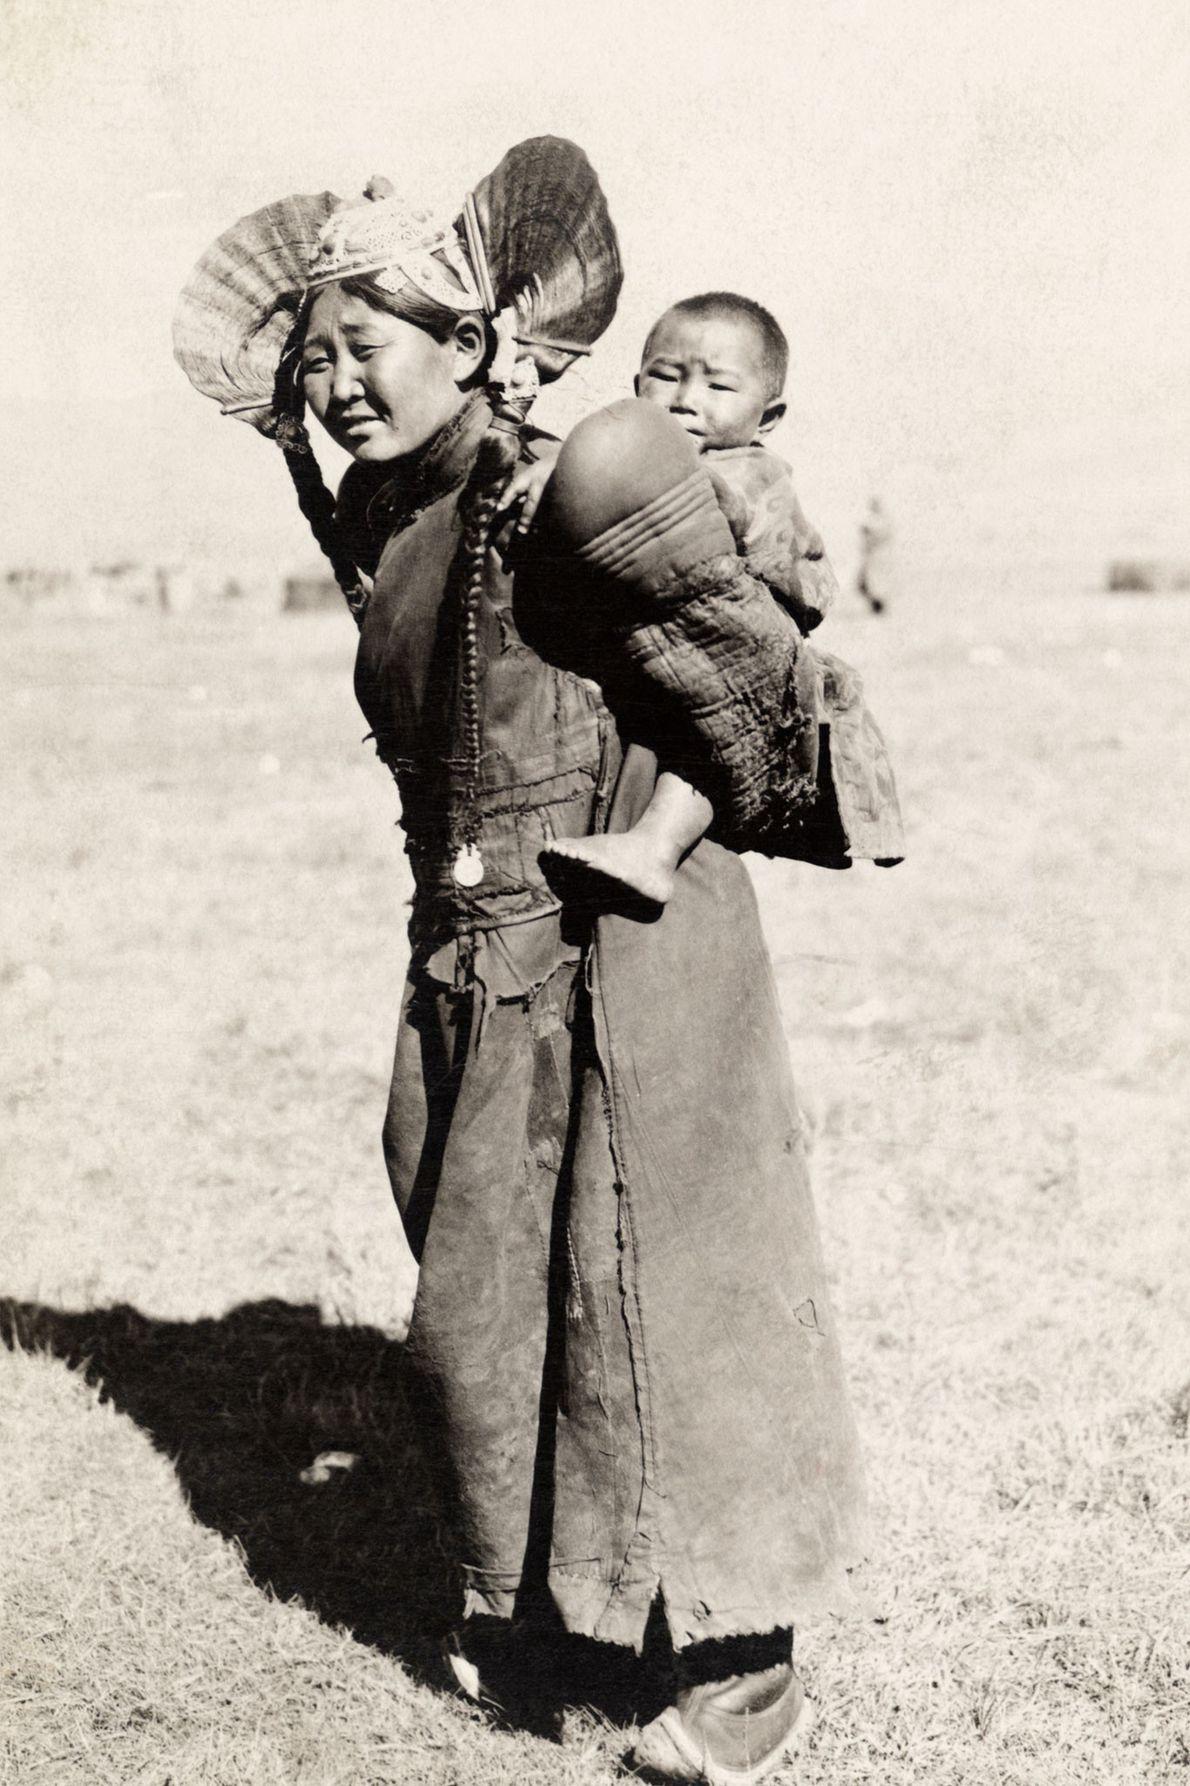 Vestida com roupas tradicionais, uma mãe do norte da Mongólia carrega seu filho nas costas.